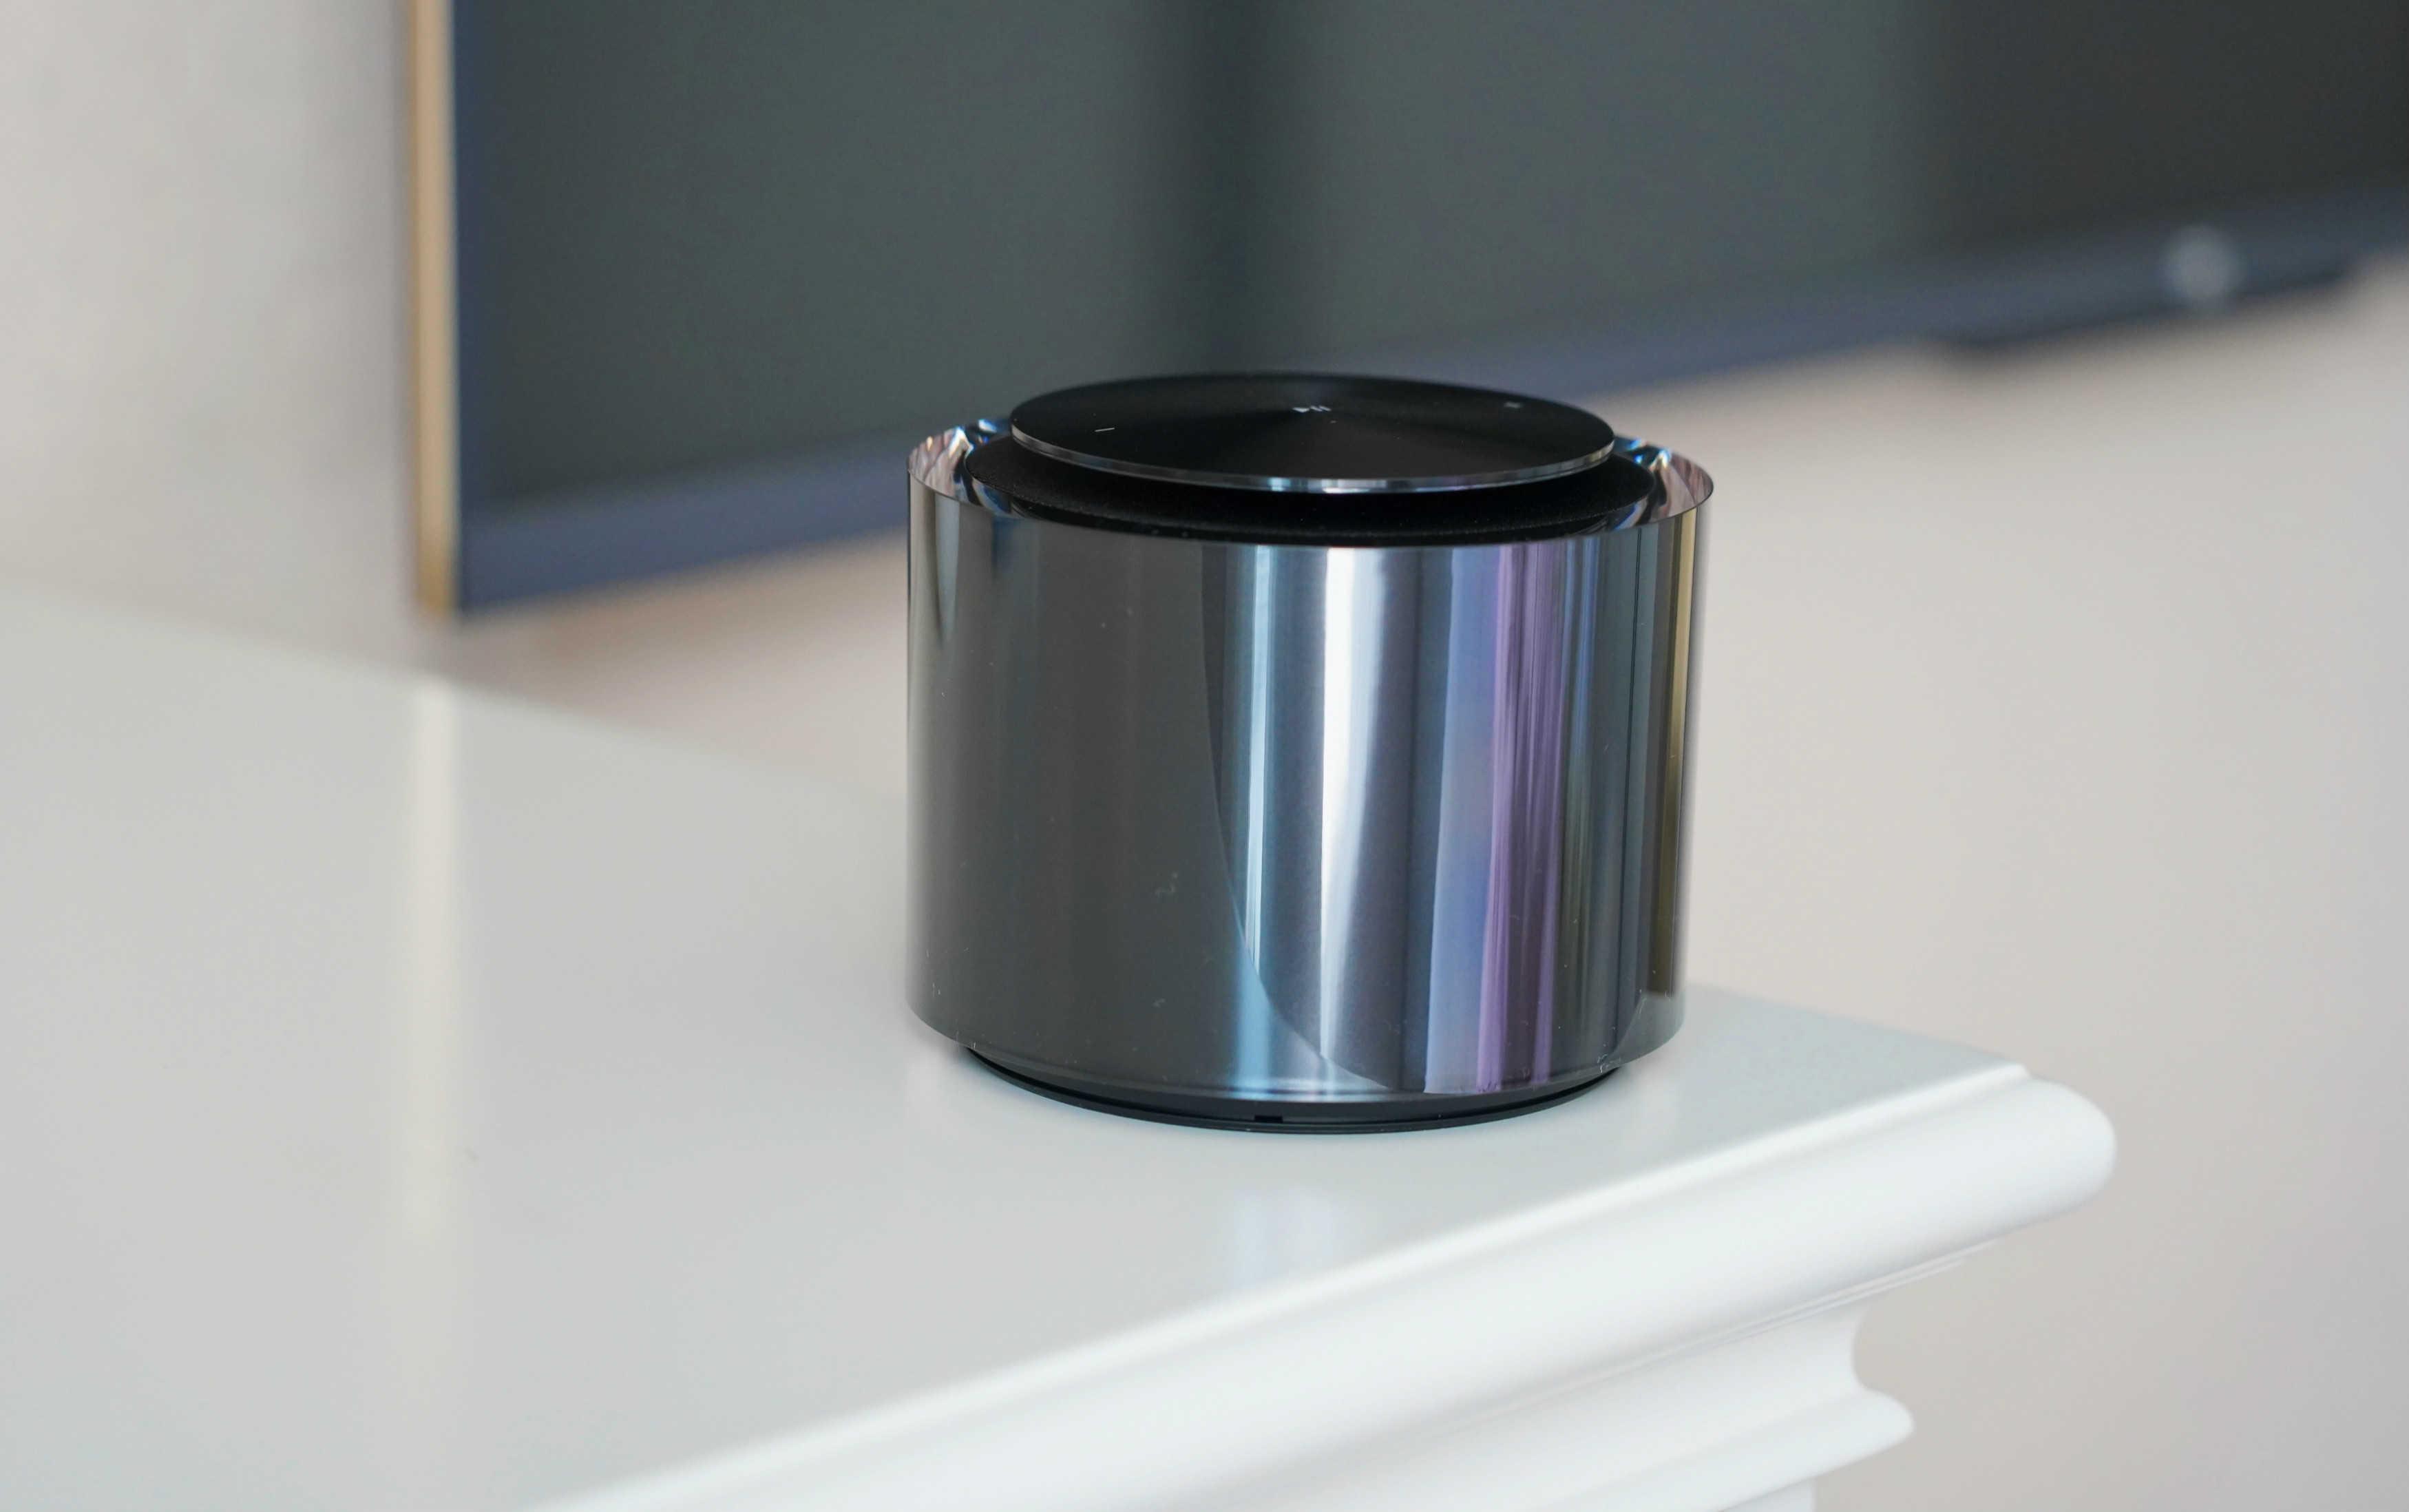 小米高保真智能音箱銀色款何時開售_小米高保真智能音箱什么時候開售